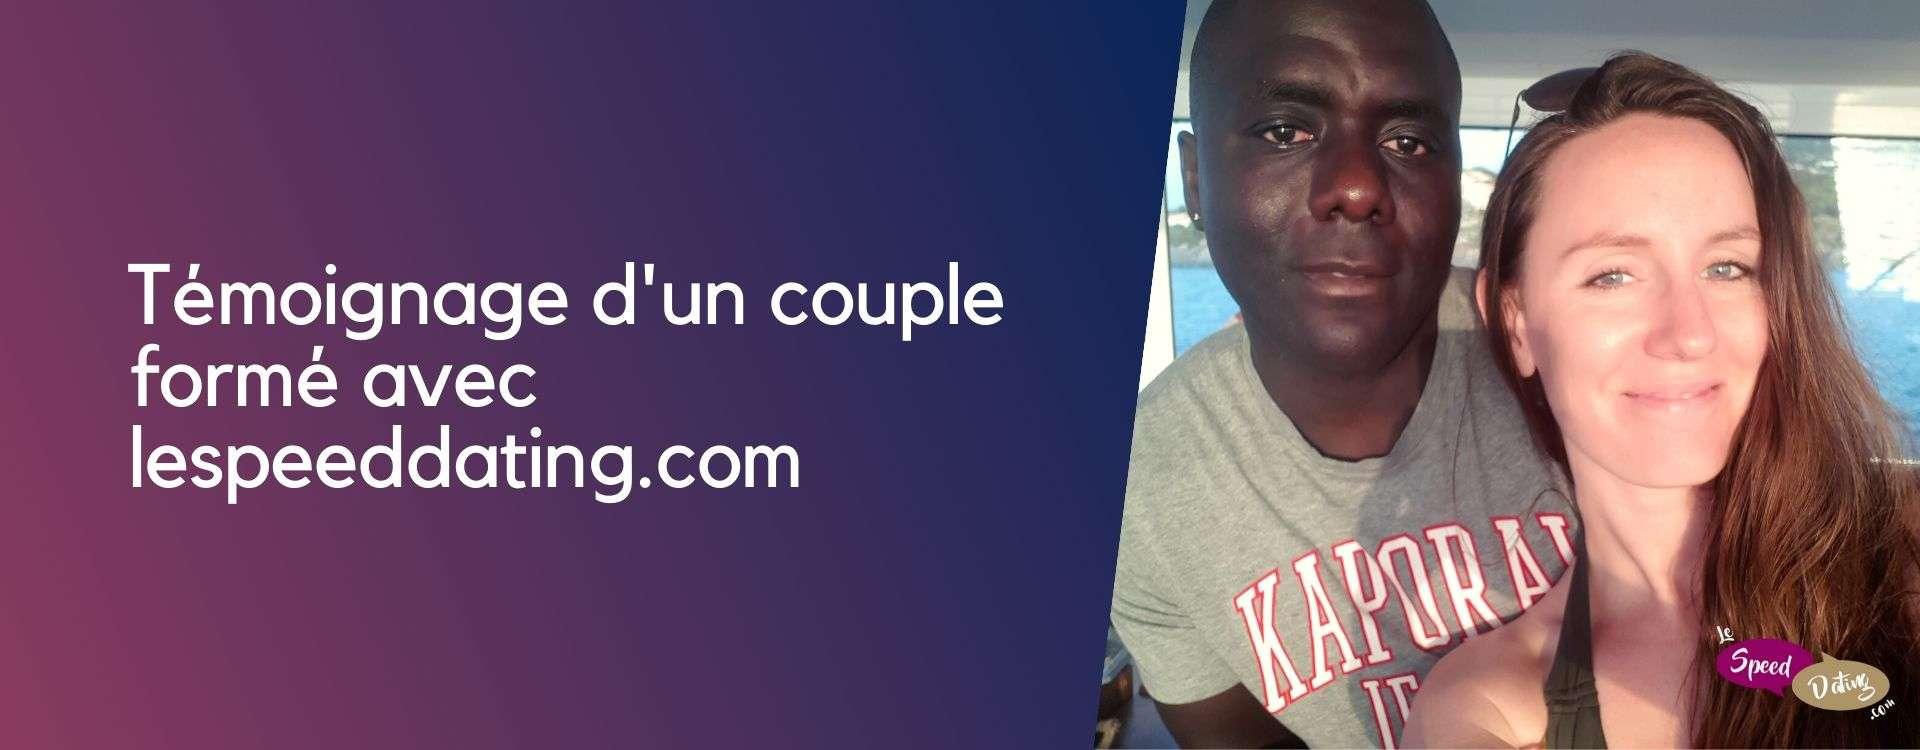 Un couple formé en Speed dating : témoignage de Stéphanie et Willy